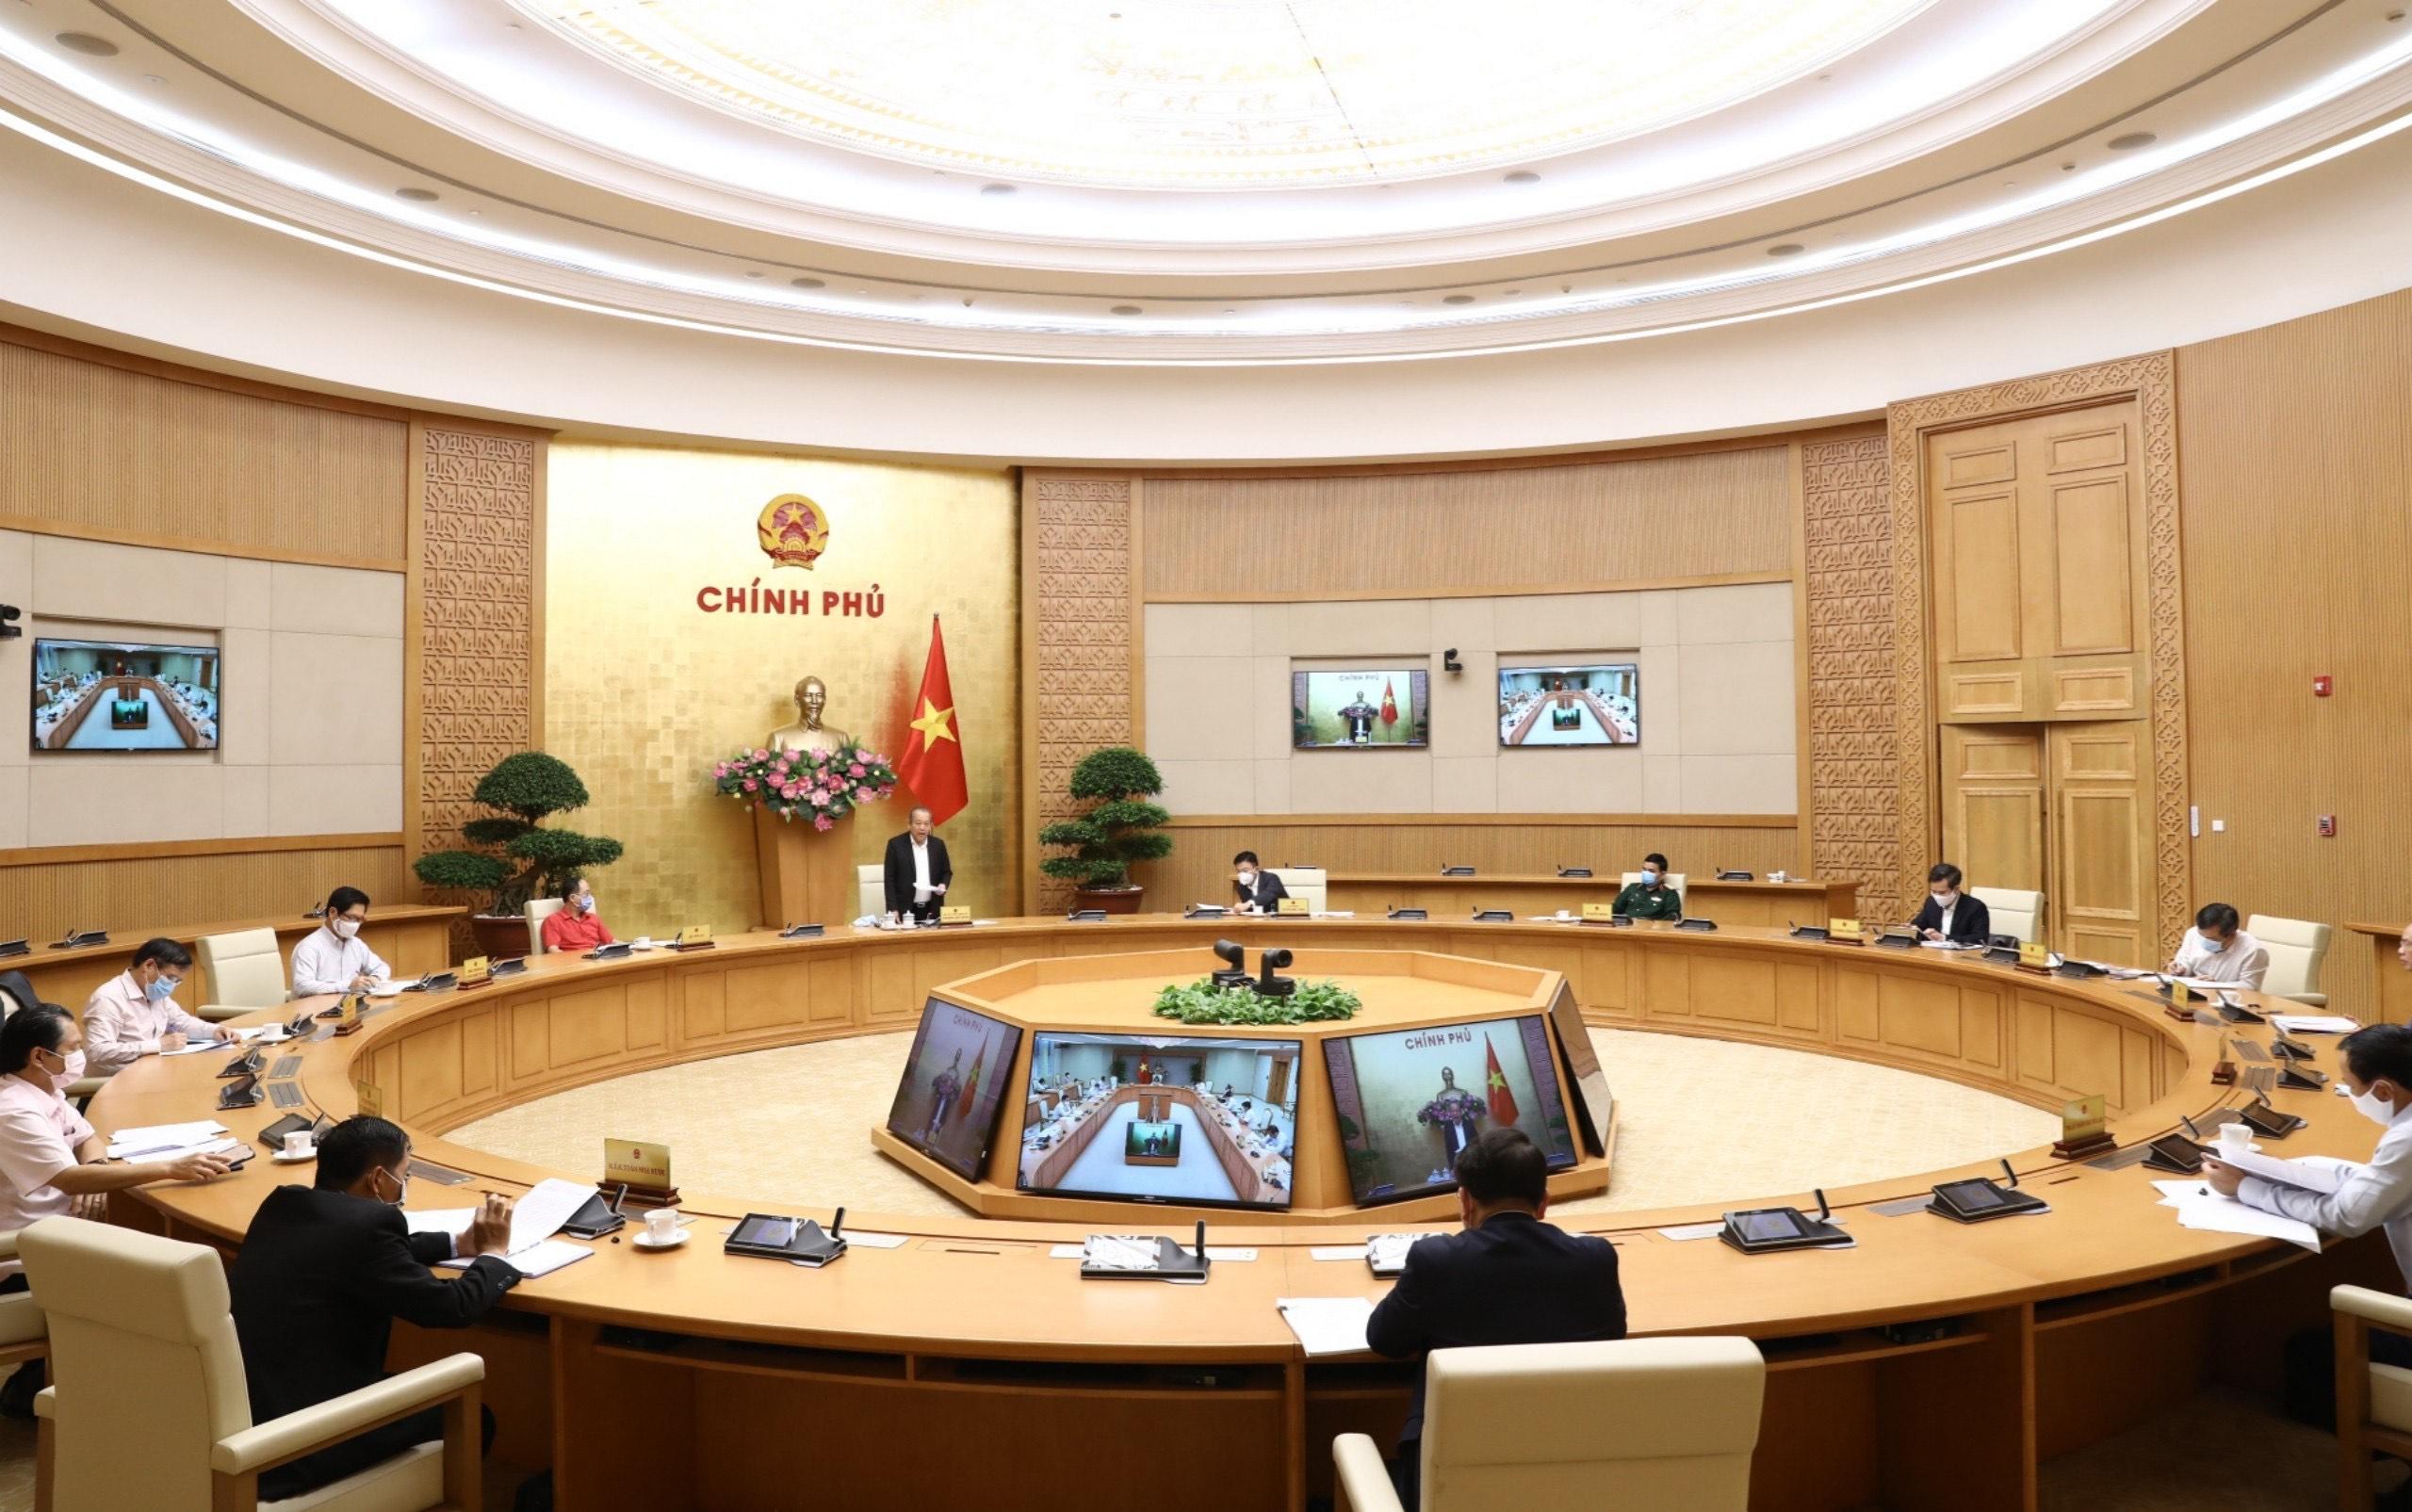 Tổ công tác của Thủ tướng Chính phủ rà soát văn bản quy phạm pháp luật